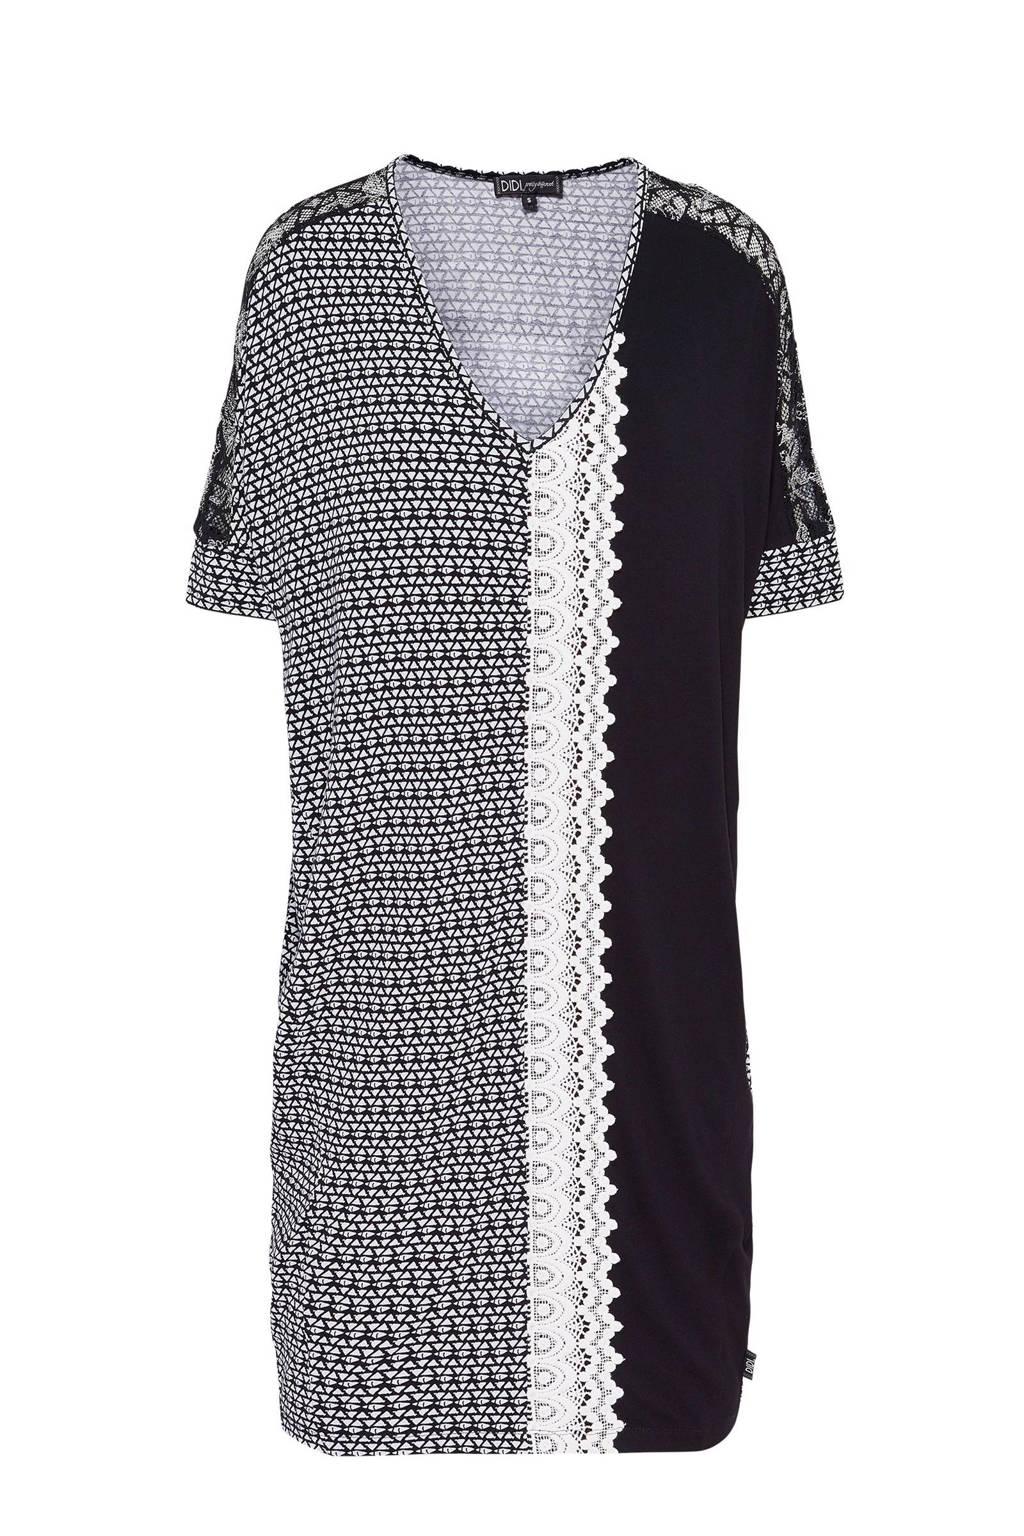 Didi jurk met allover print zwart, Zwart/wit